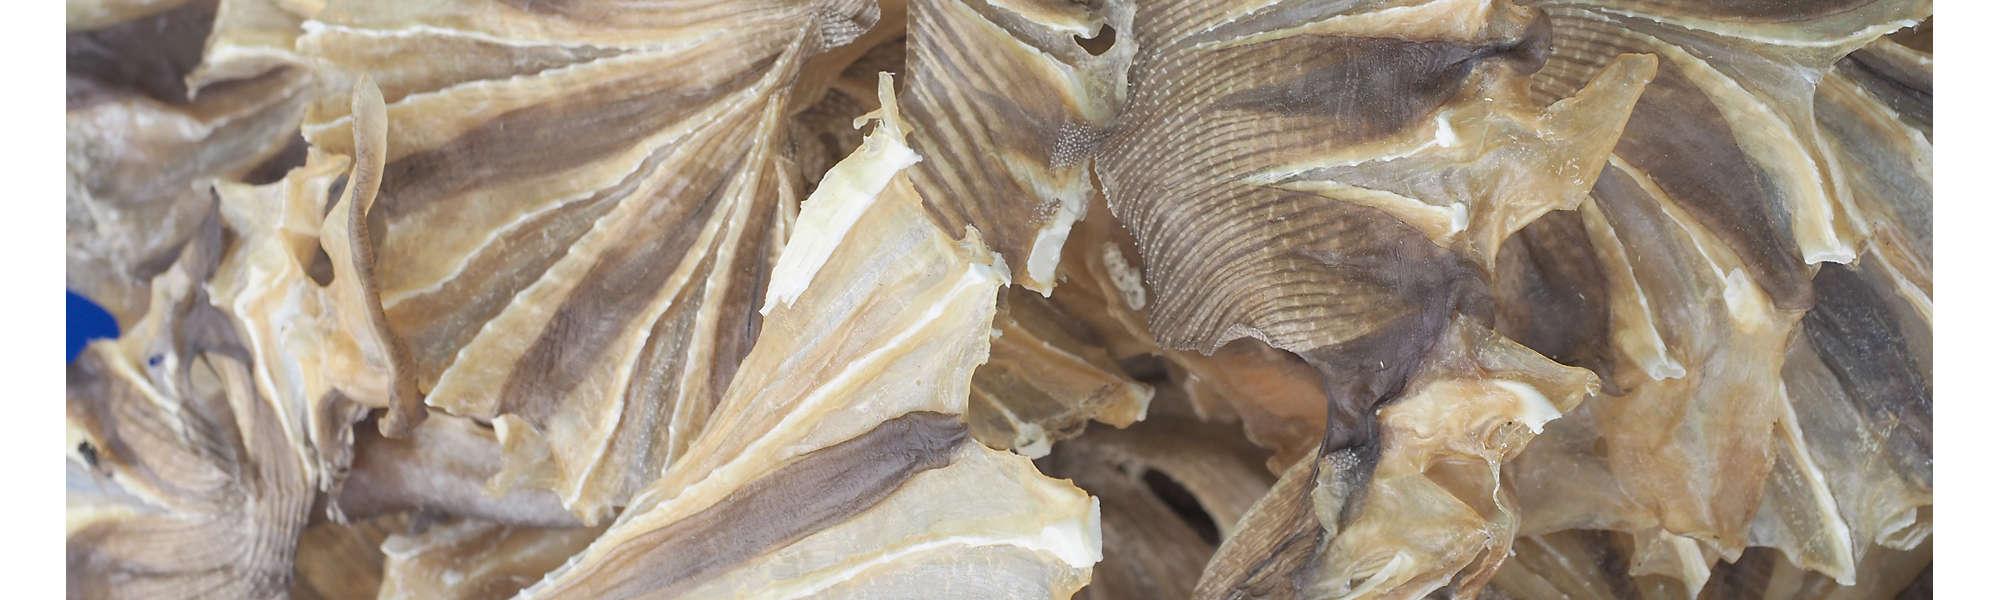 Dried fish market Thailand